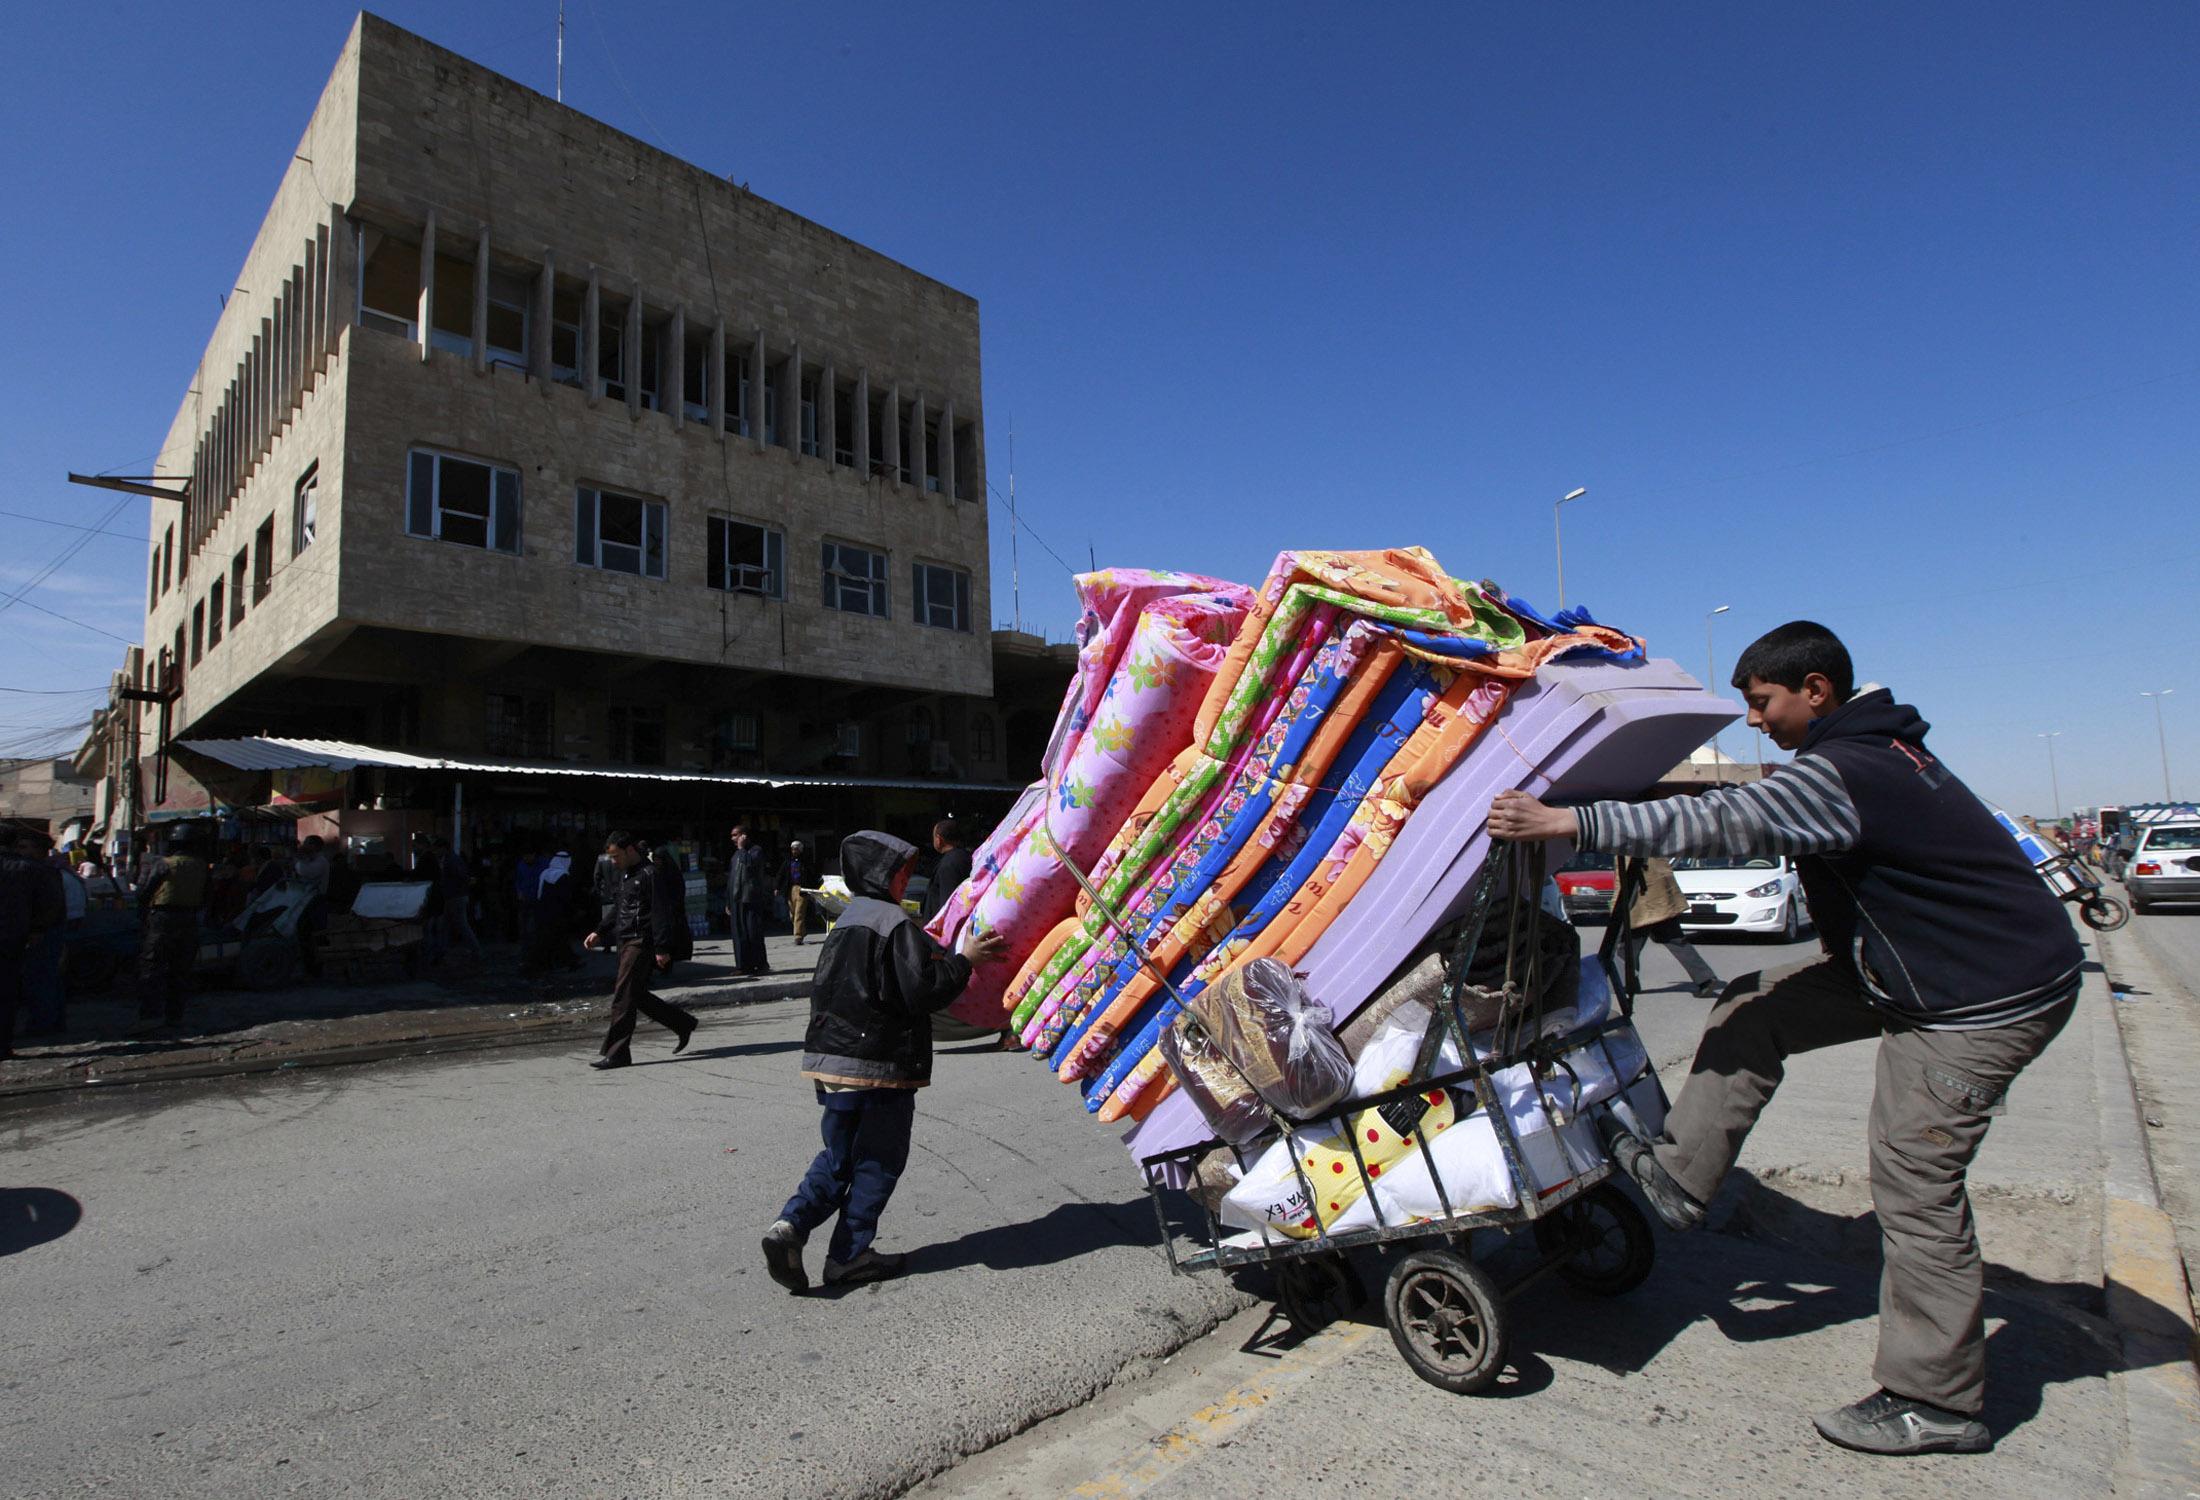 شاب عراقي ينقل أغراضا بواسطة عربة في أحد أسواق الموصل